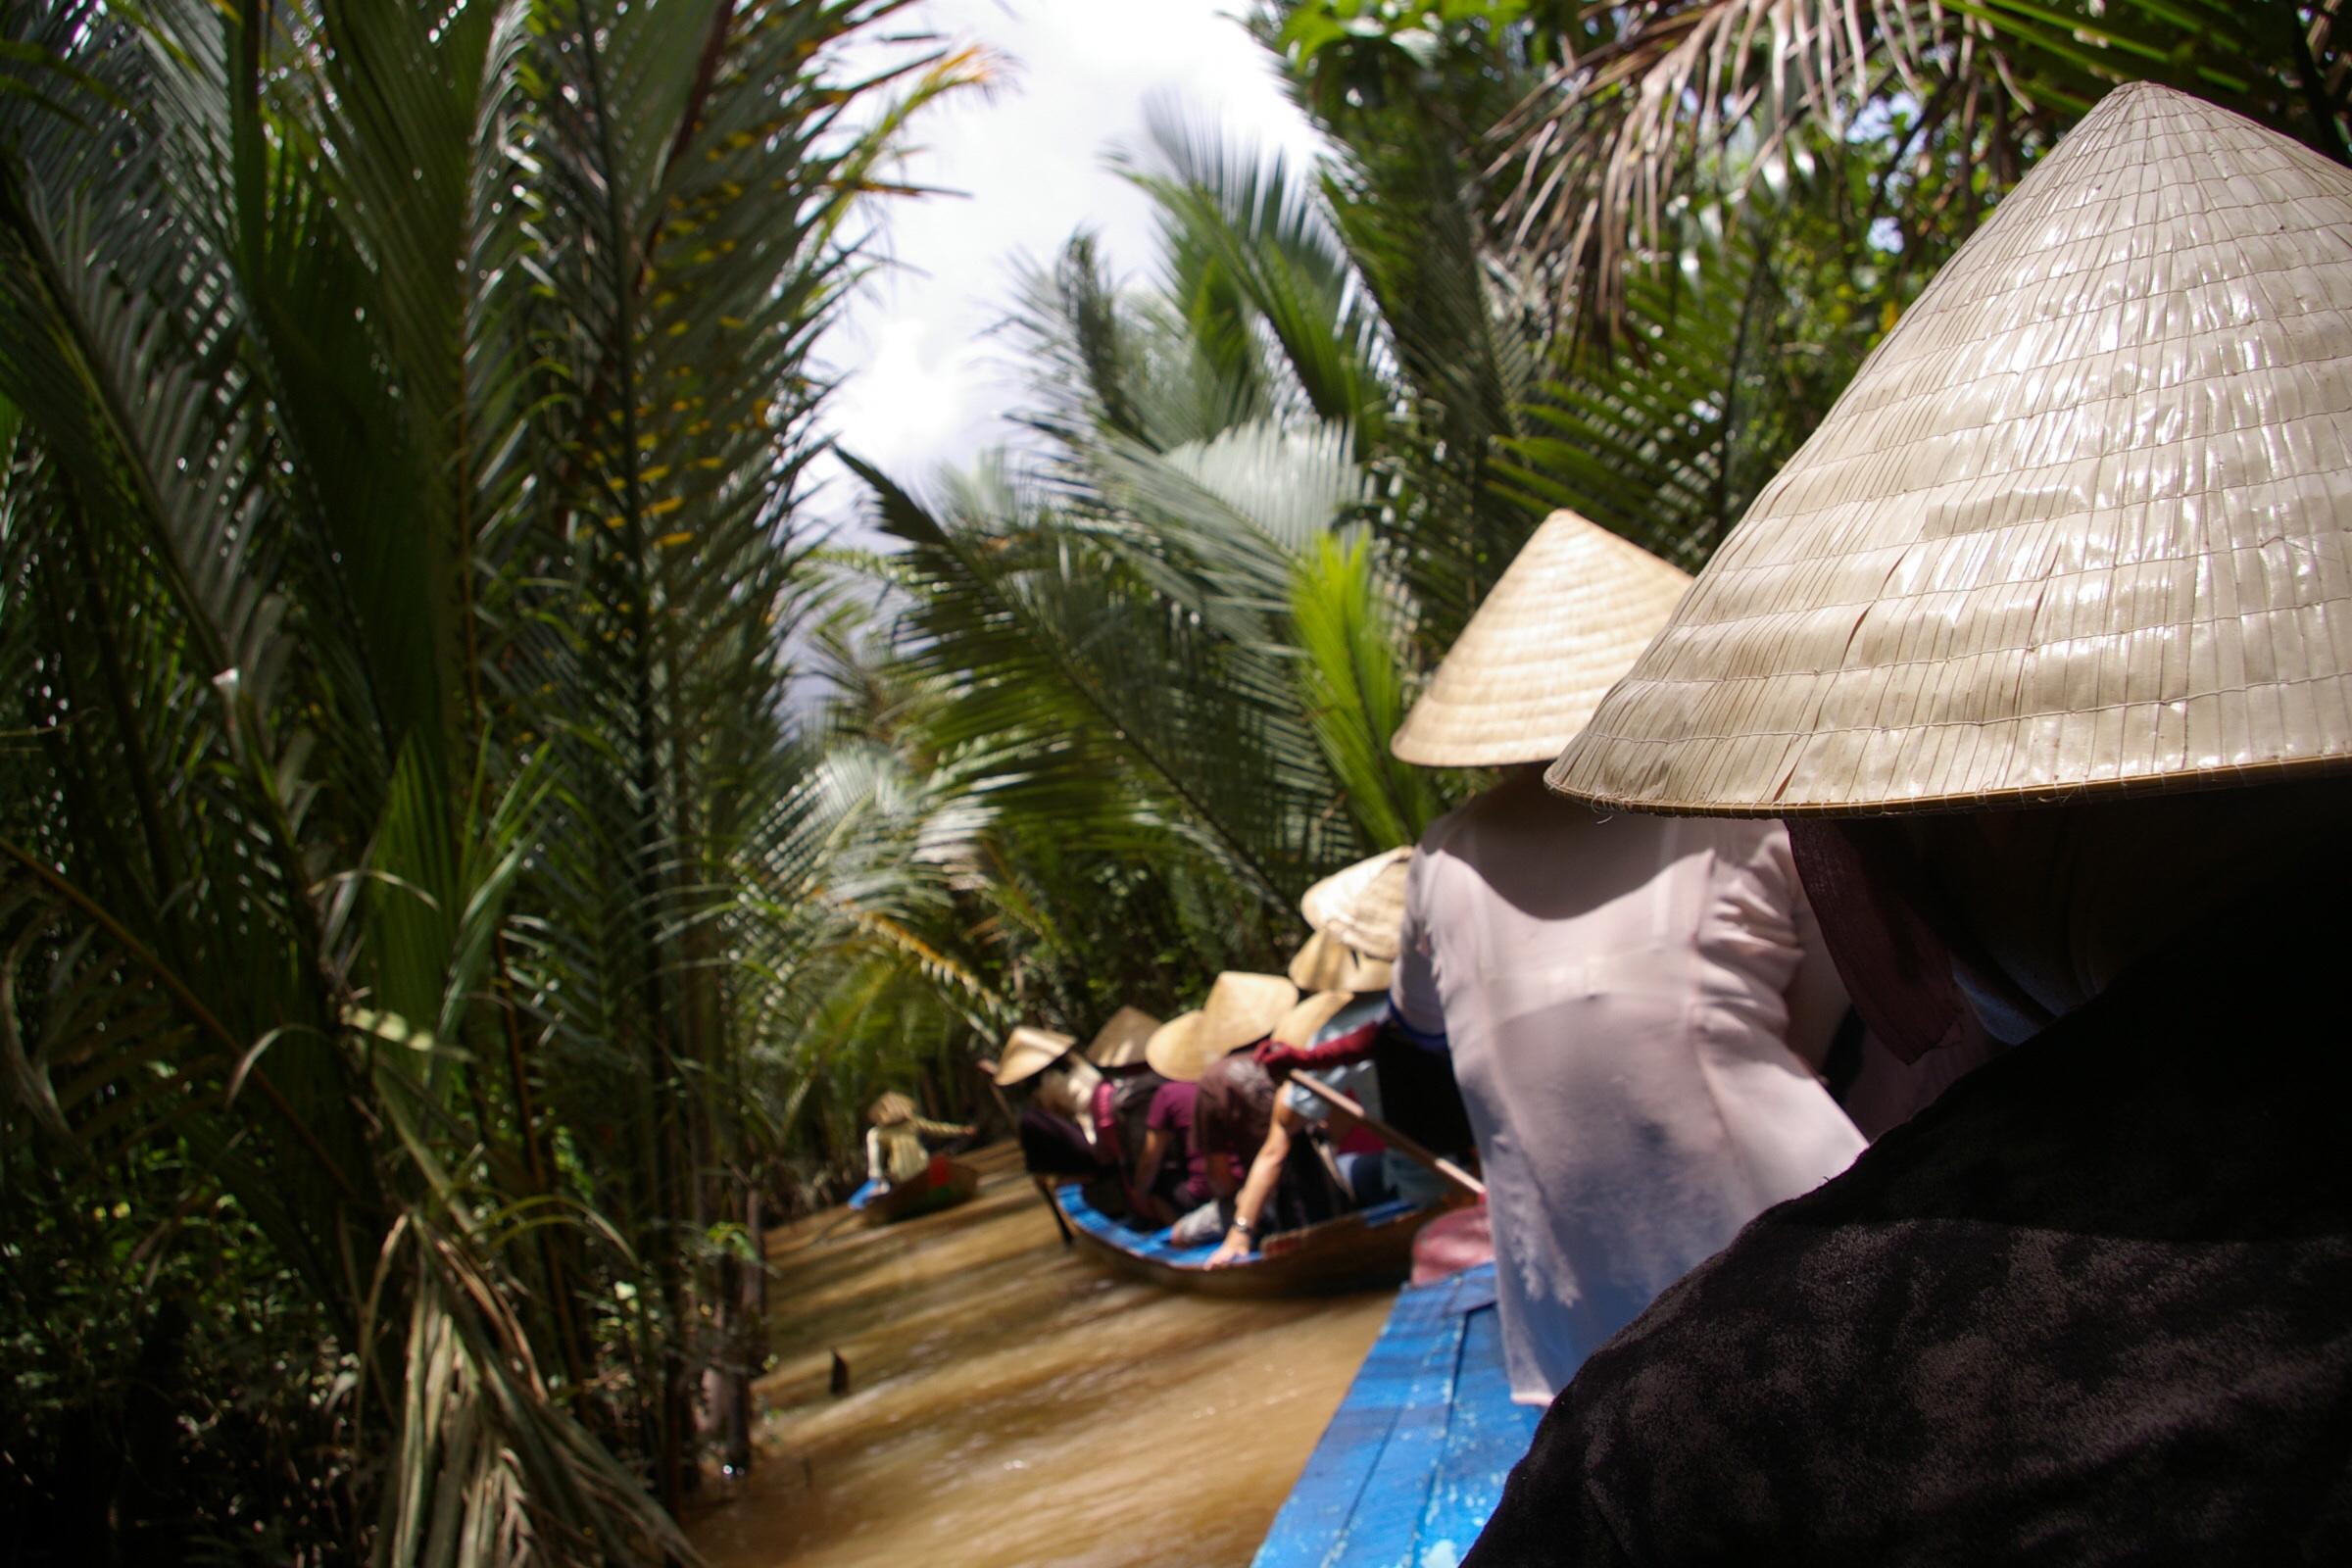 ベトナムメコン河ツアーの体験